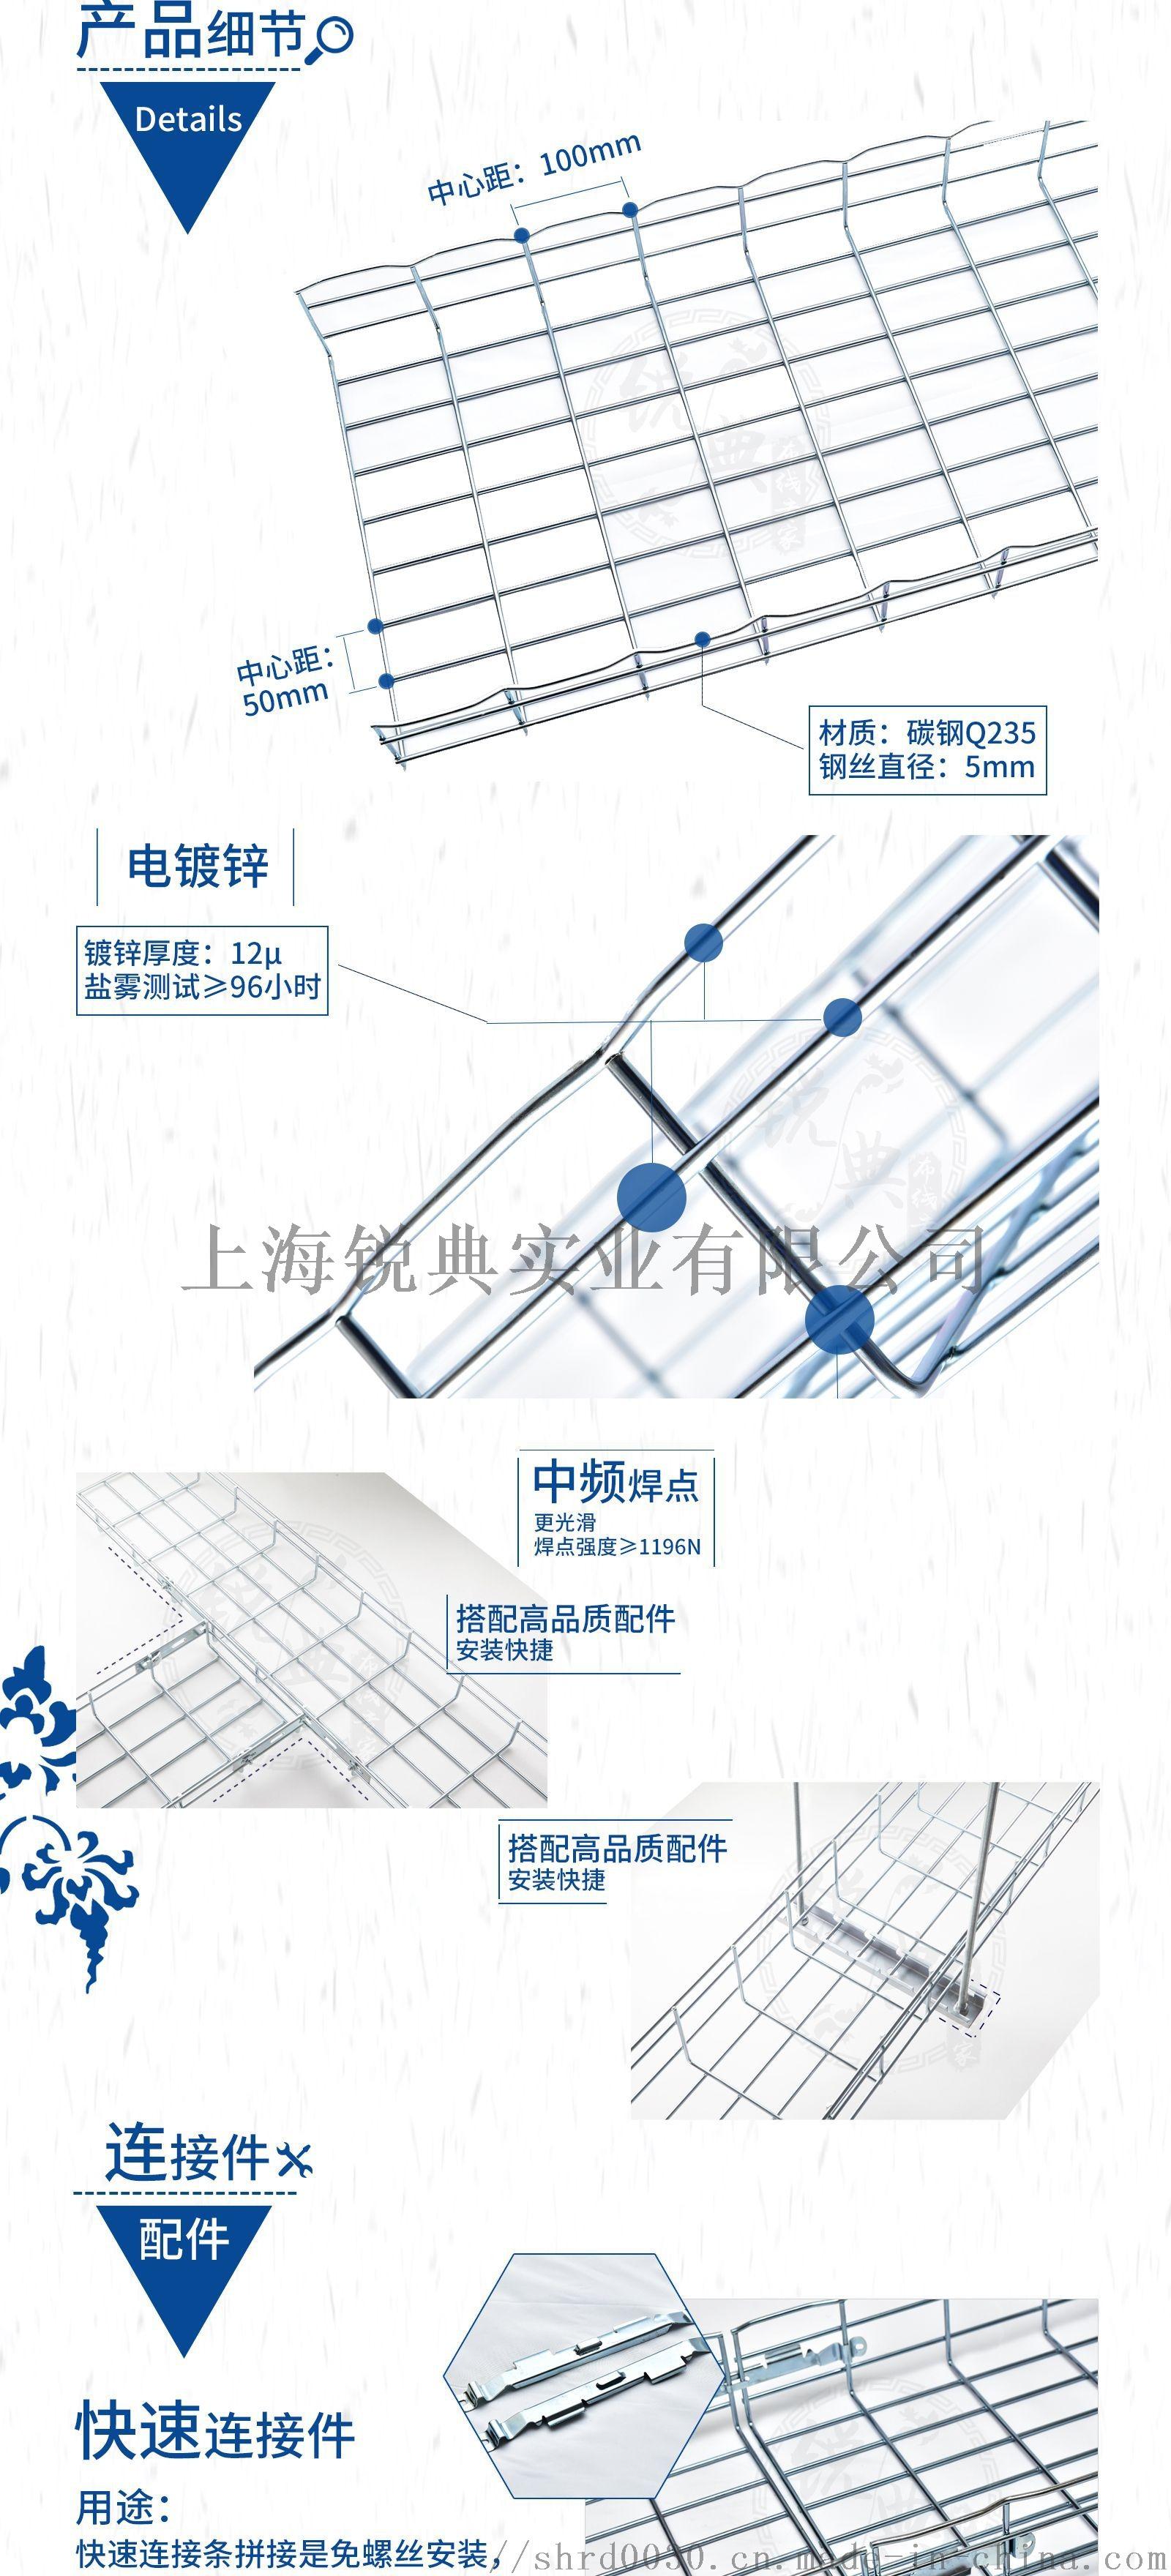 不锈钢网格桥架 200*100全国发货 一站式服务118595275